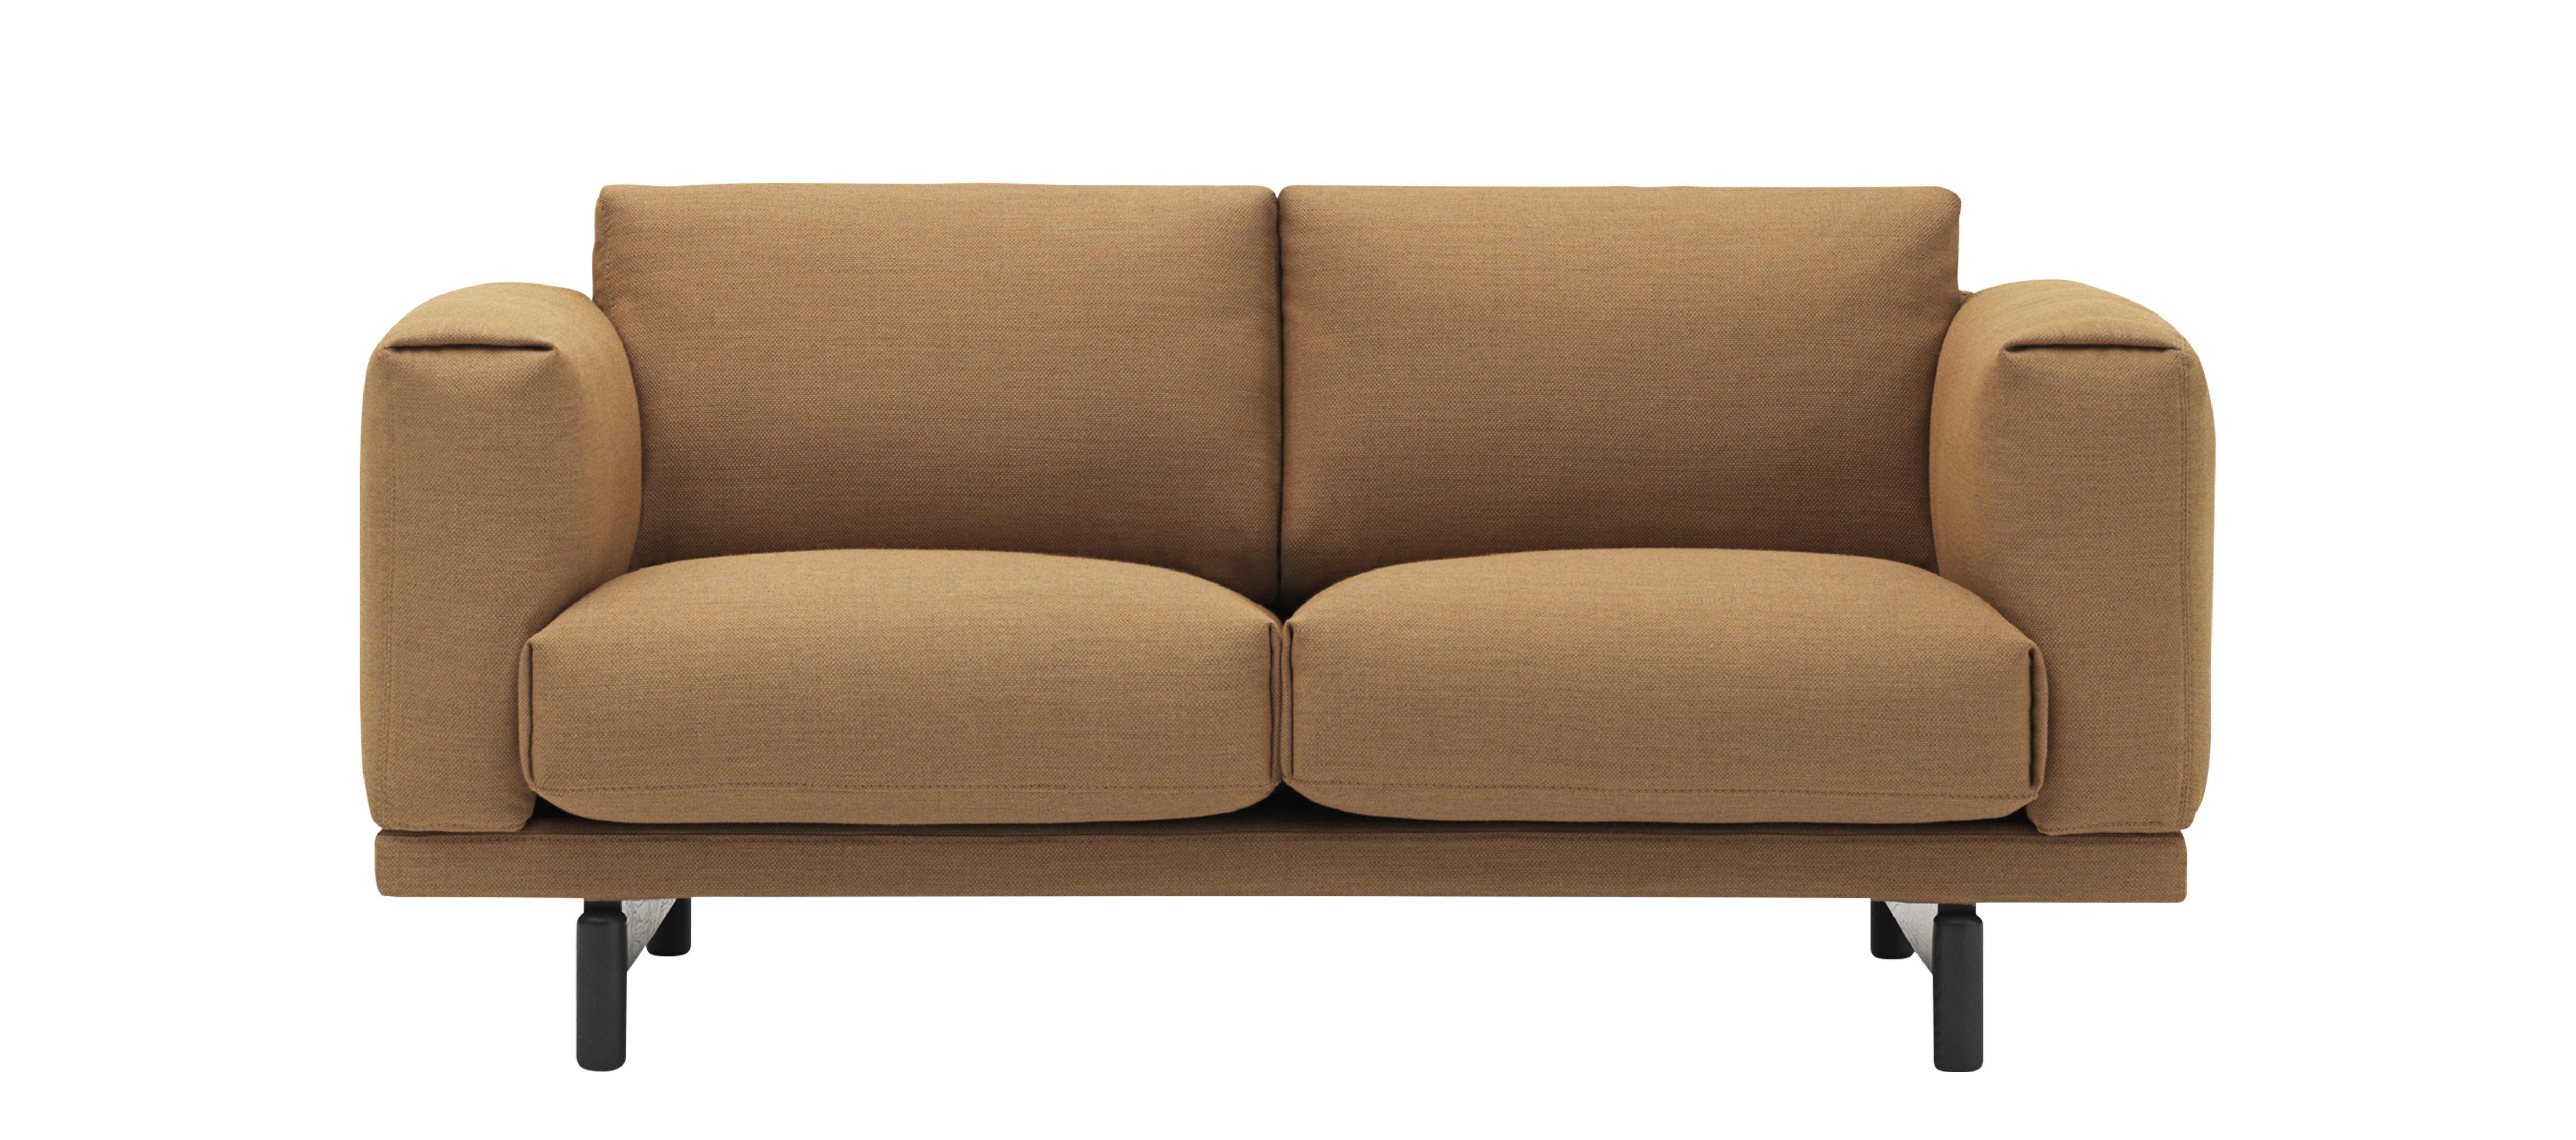 canap 2 places rest studio l 165 cm 2 places camel pieds noirs muuto. Black Bedroom Furniture Sets. Home Design Ideas